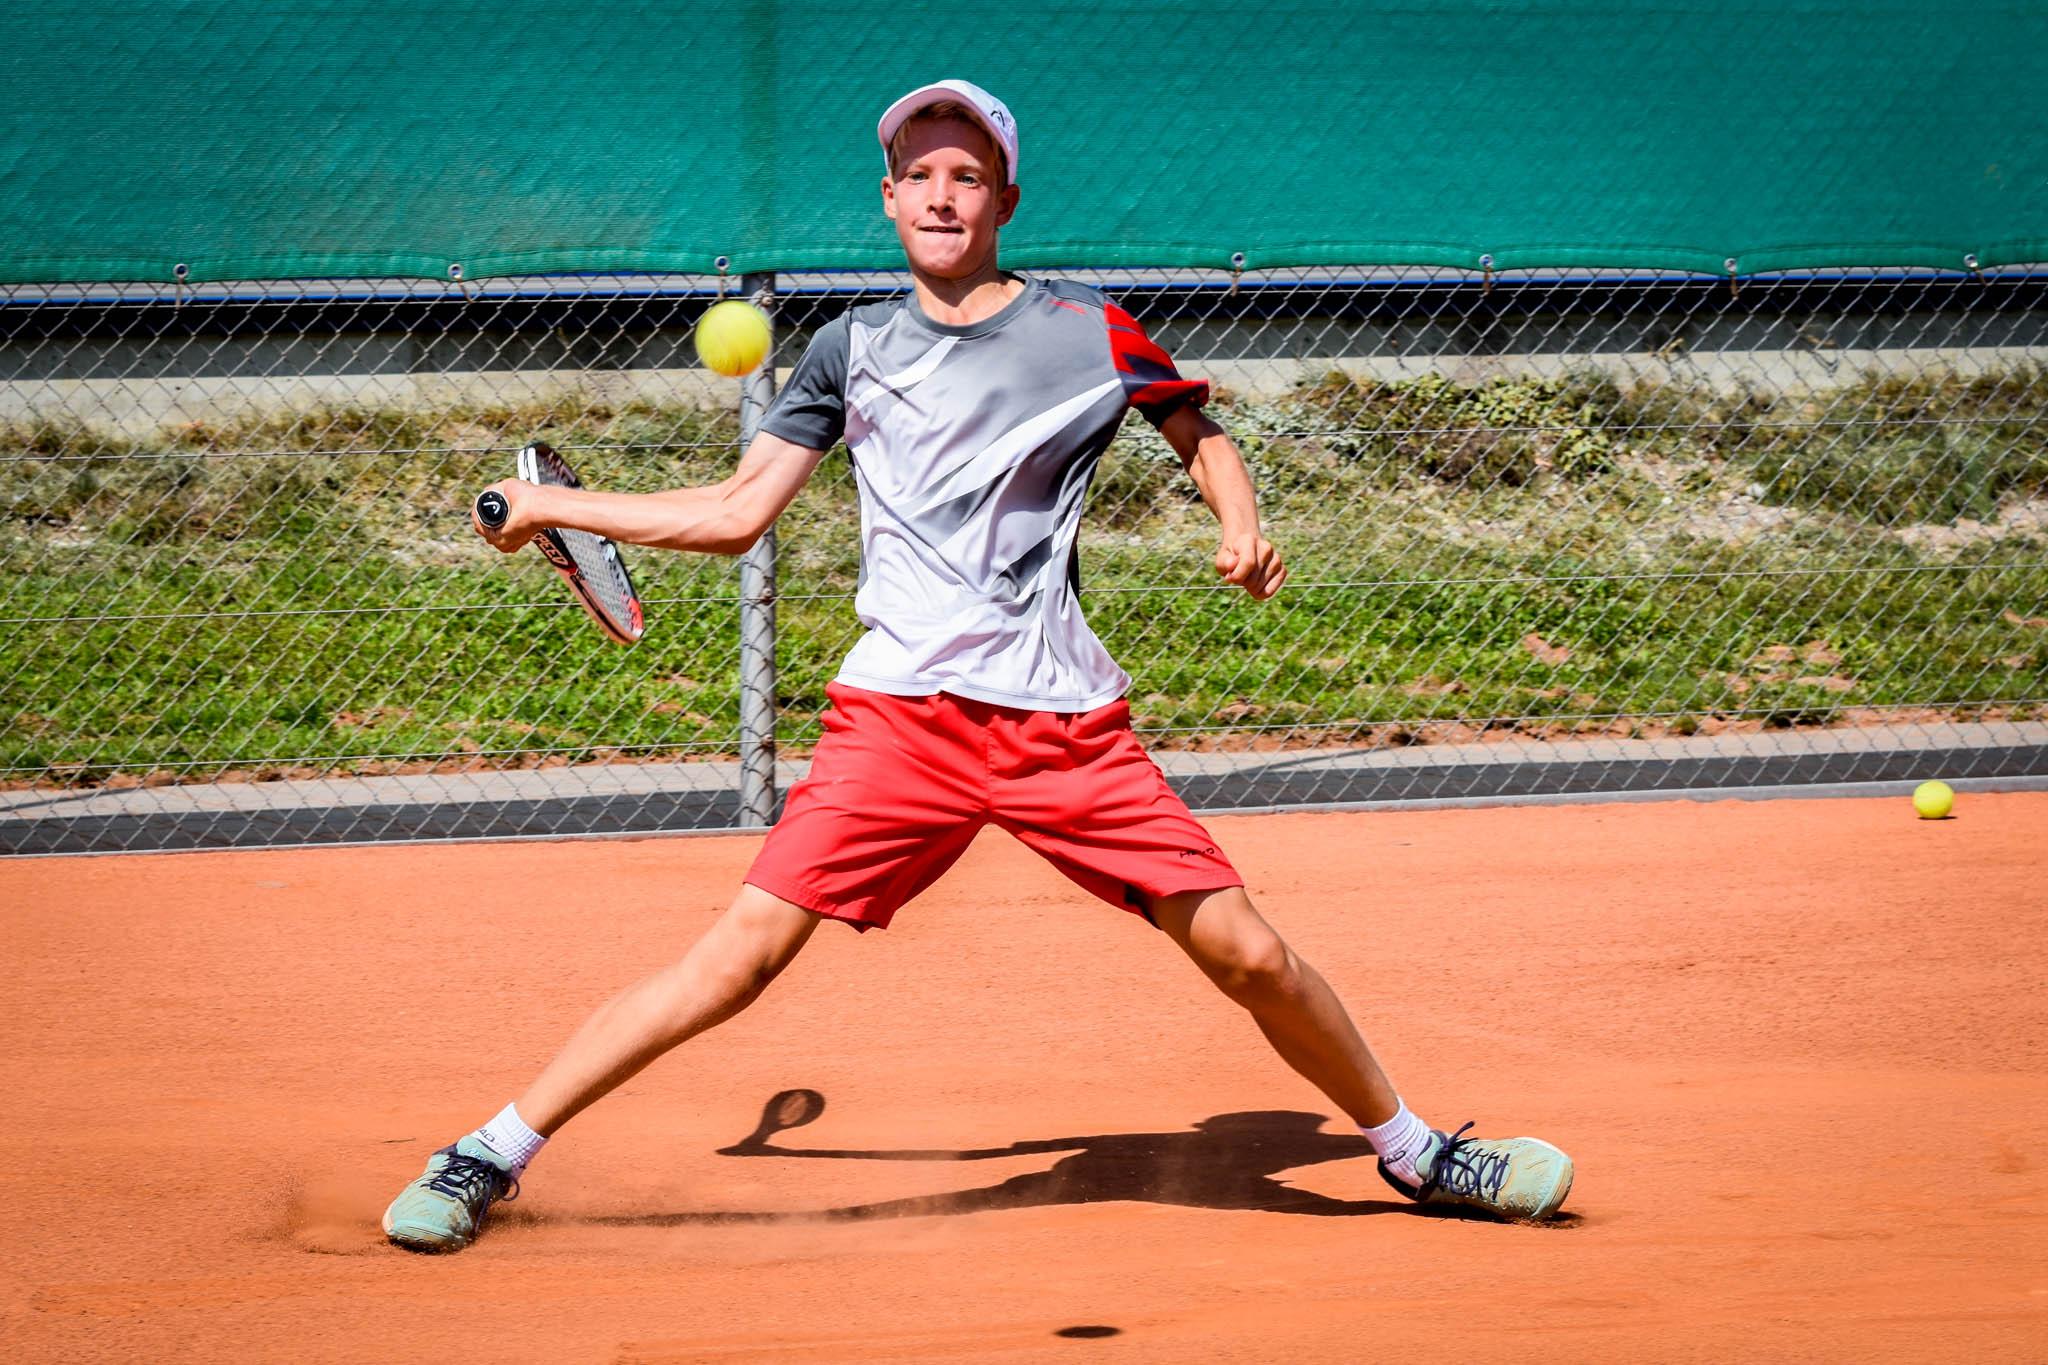 Henry von der Schulenburg ist der aktuellste Schweizer Meister der Tennisschool Urs Walter. Er gewann 2014 bei den U16 und wurde in diesem Jahr Vize-Schweizer-Meister.